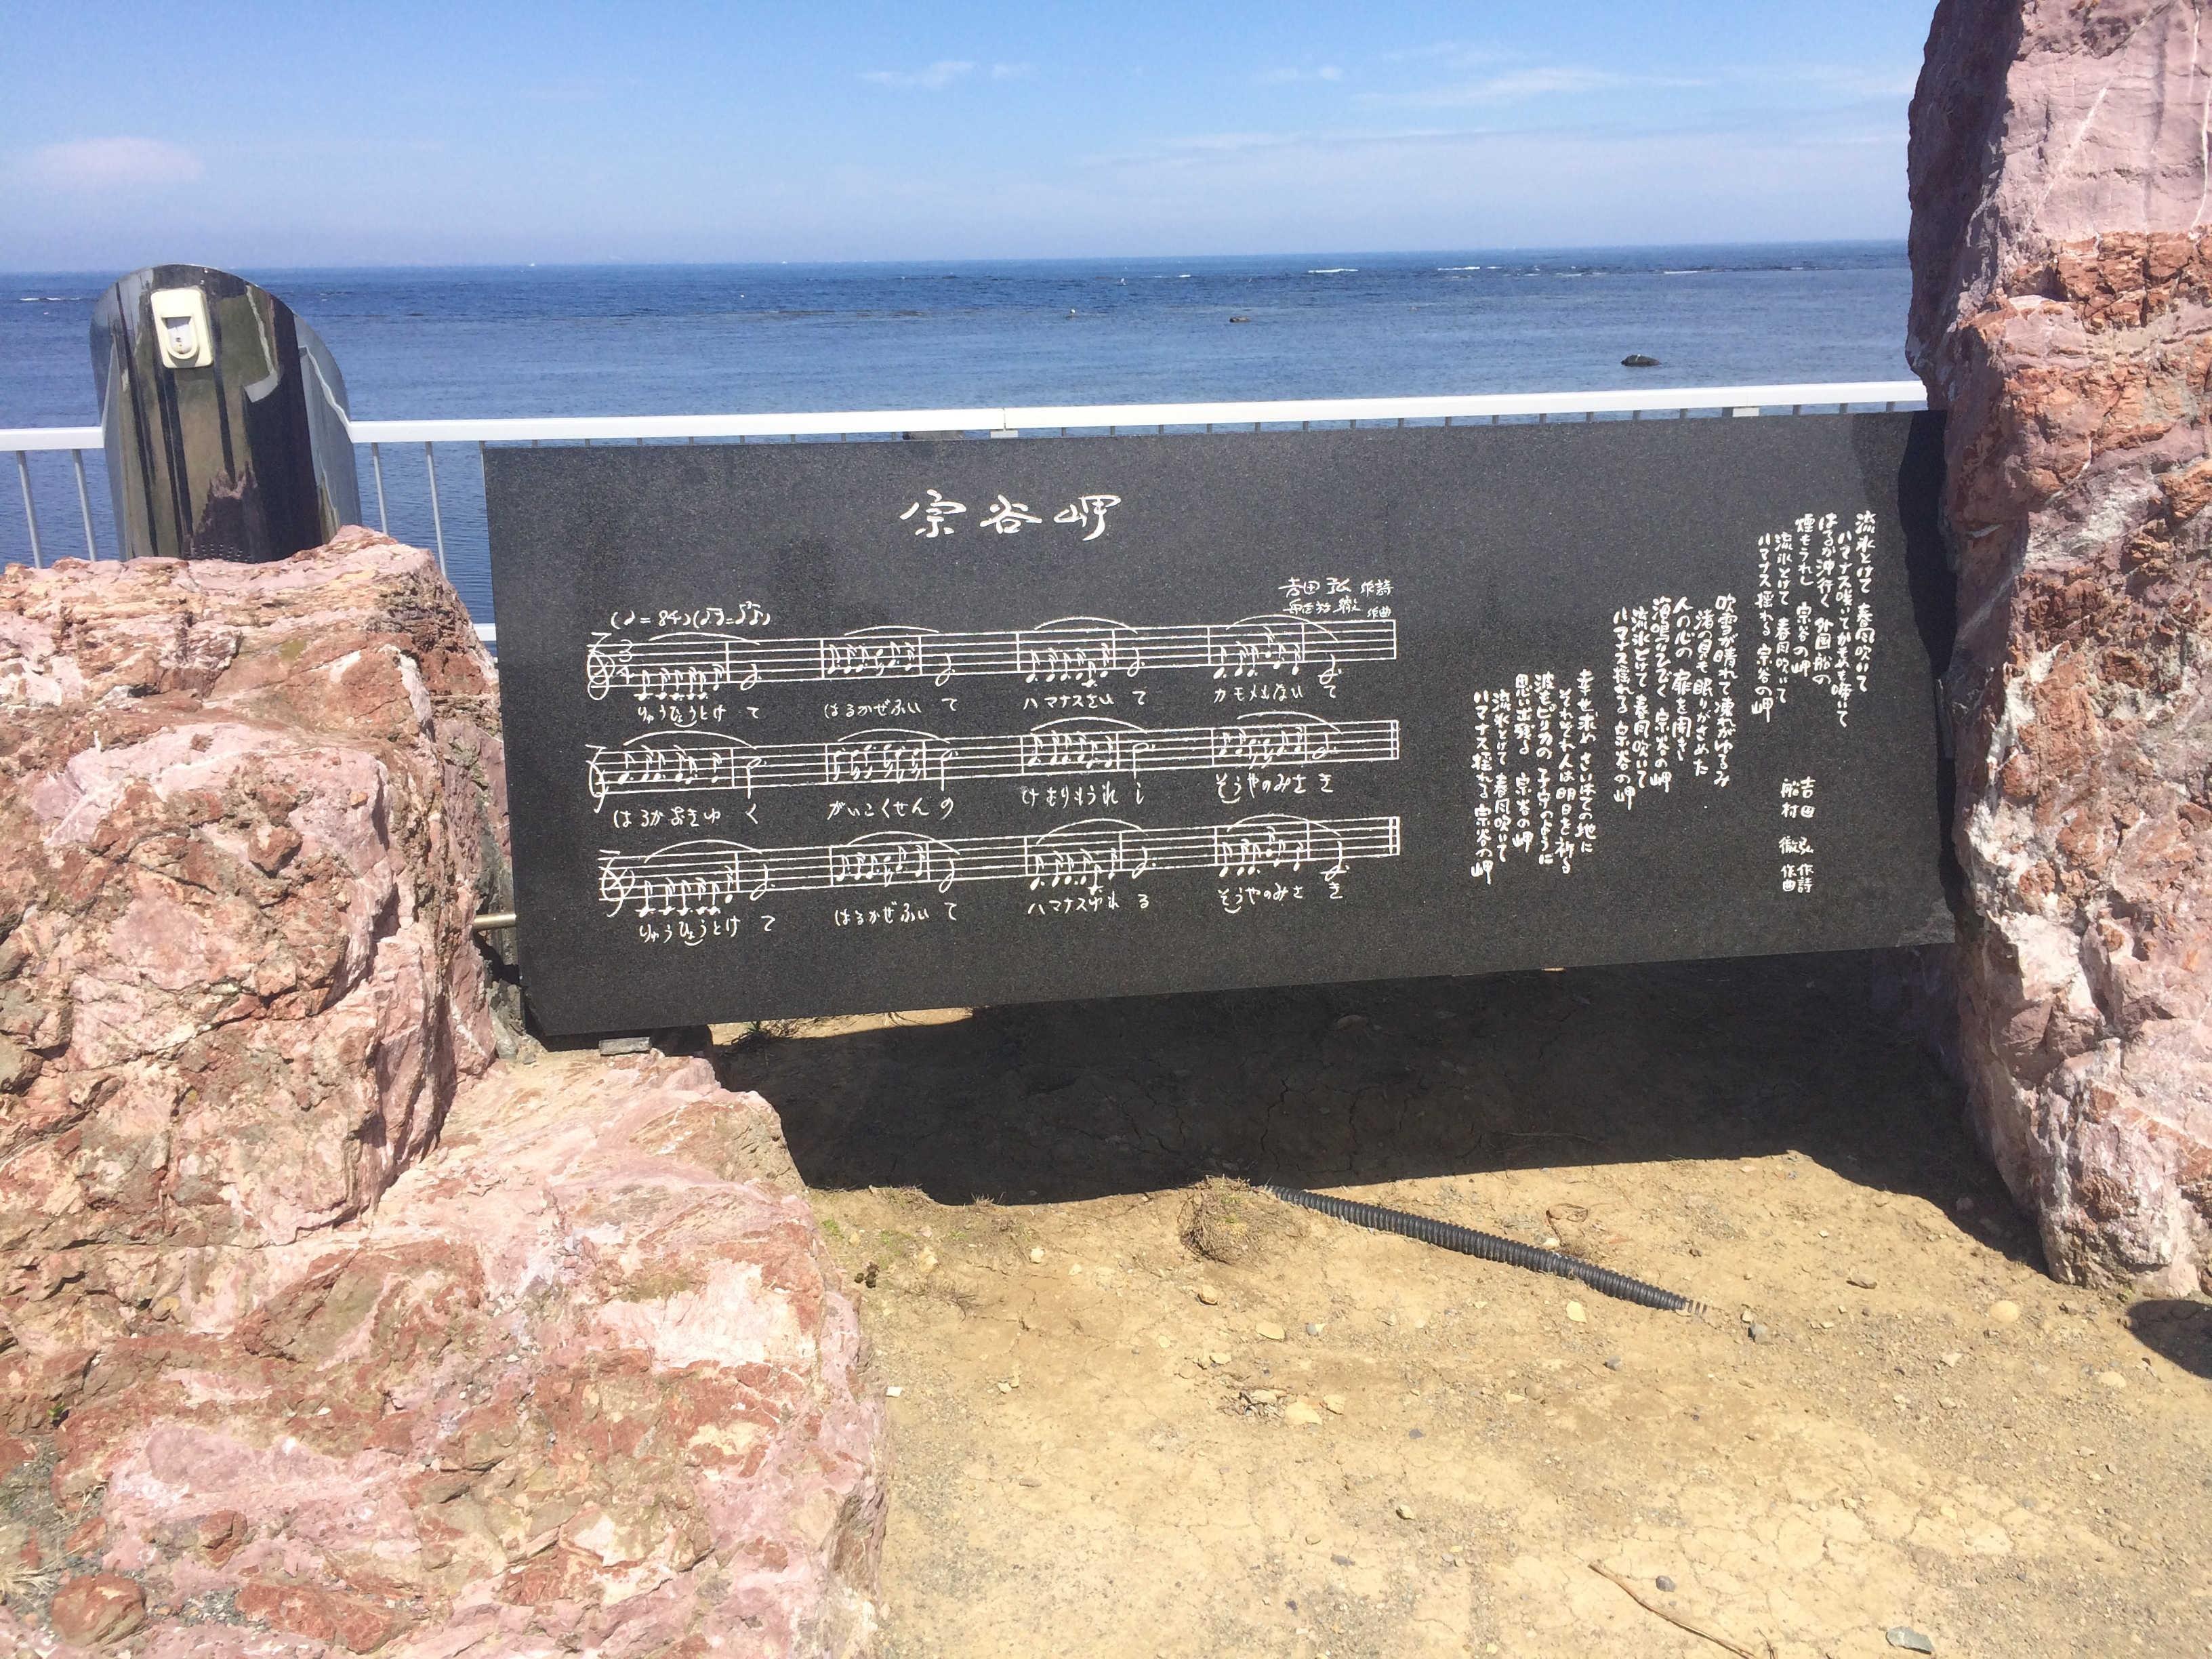 宗谷岬音楽碑